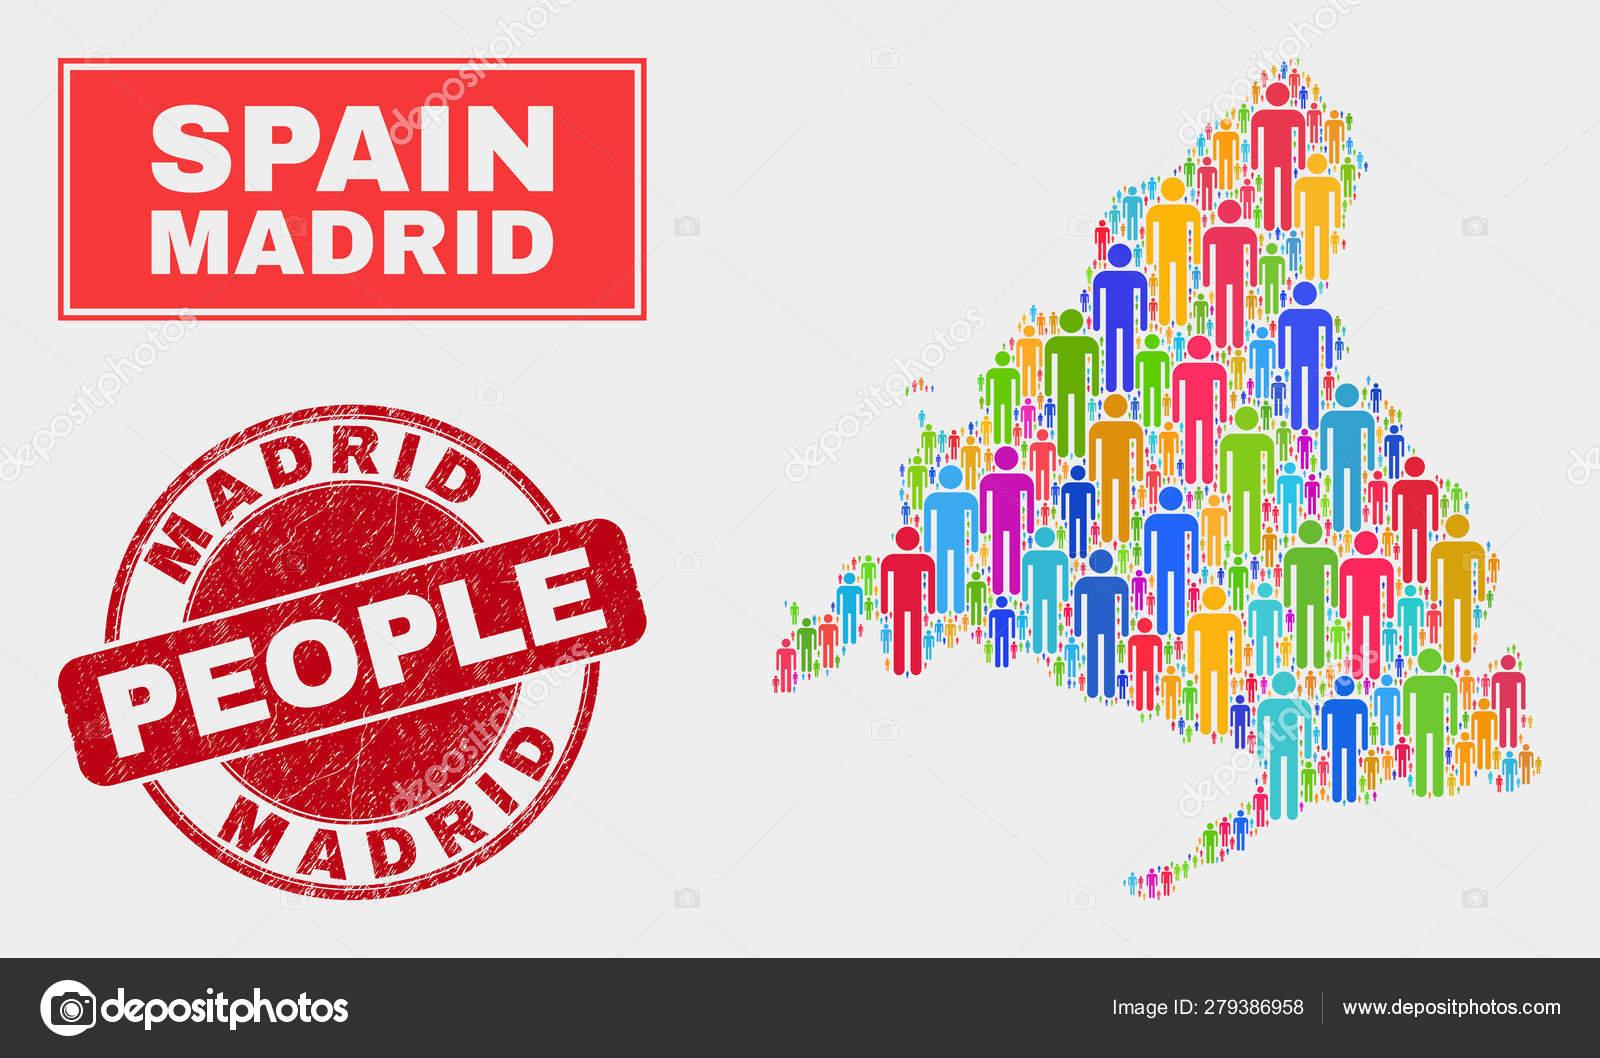 Mapa De Madrid Provincia.Madrid Provincia Mapa Poblacion Y Sello Grunge Vector De